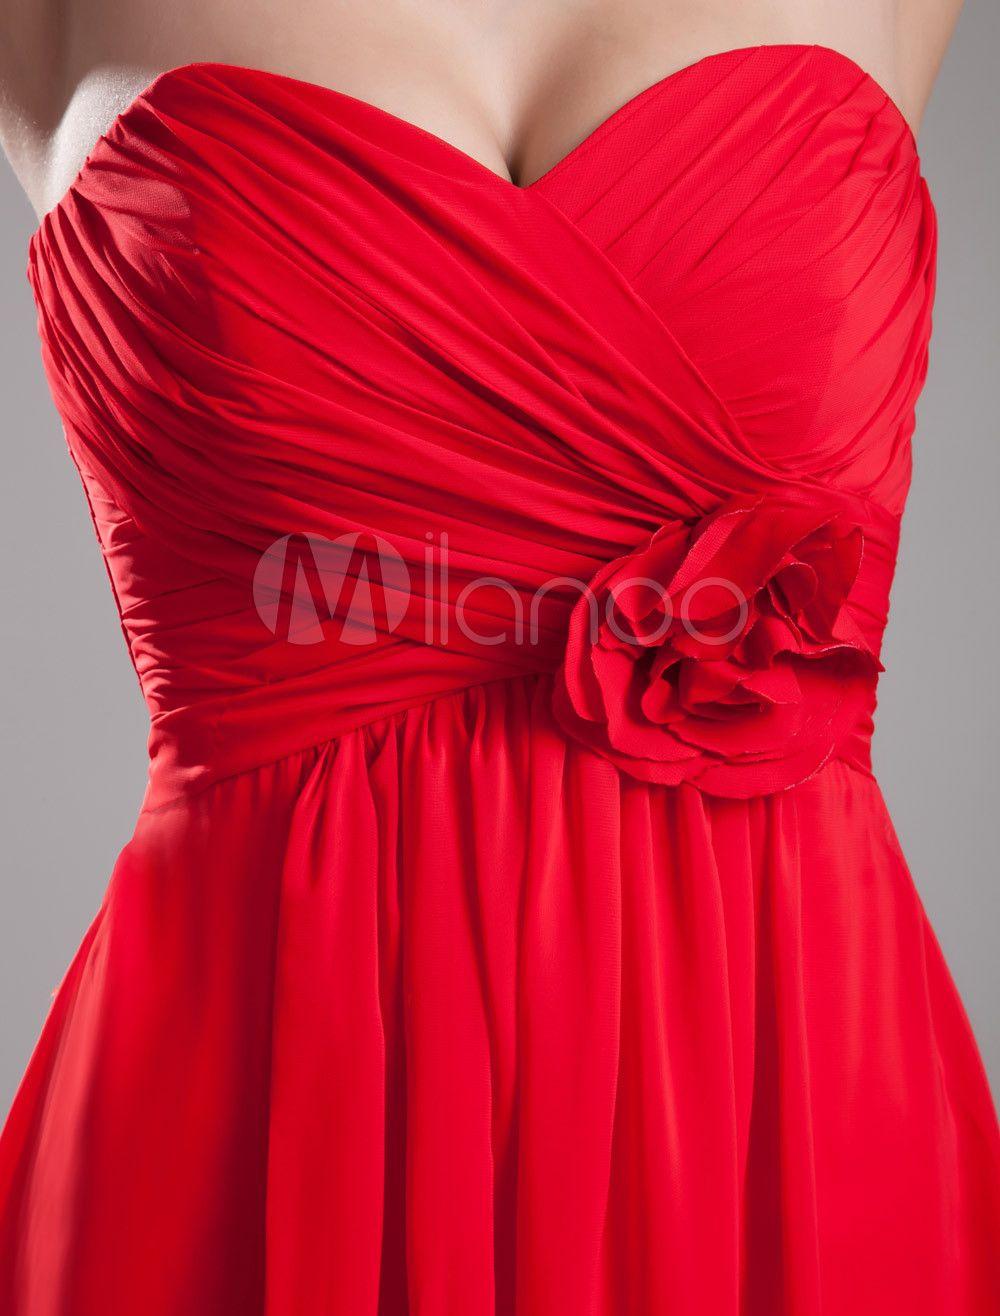 robe demoiselle d 39 honneur rouge avec fleur chiffon ps et rouge. Black Bedroom Furniture Sets. Home Design Ideas